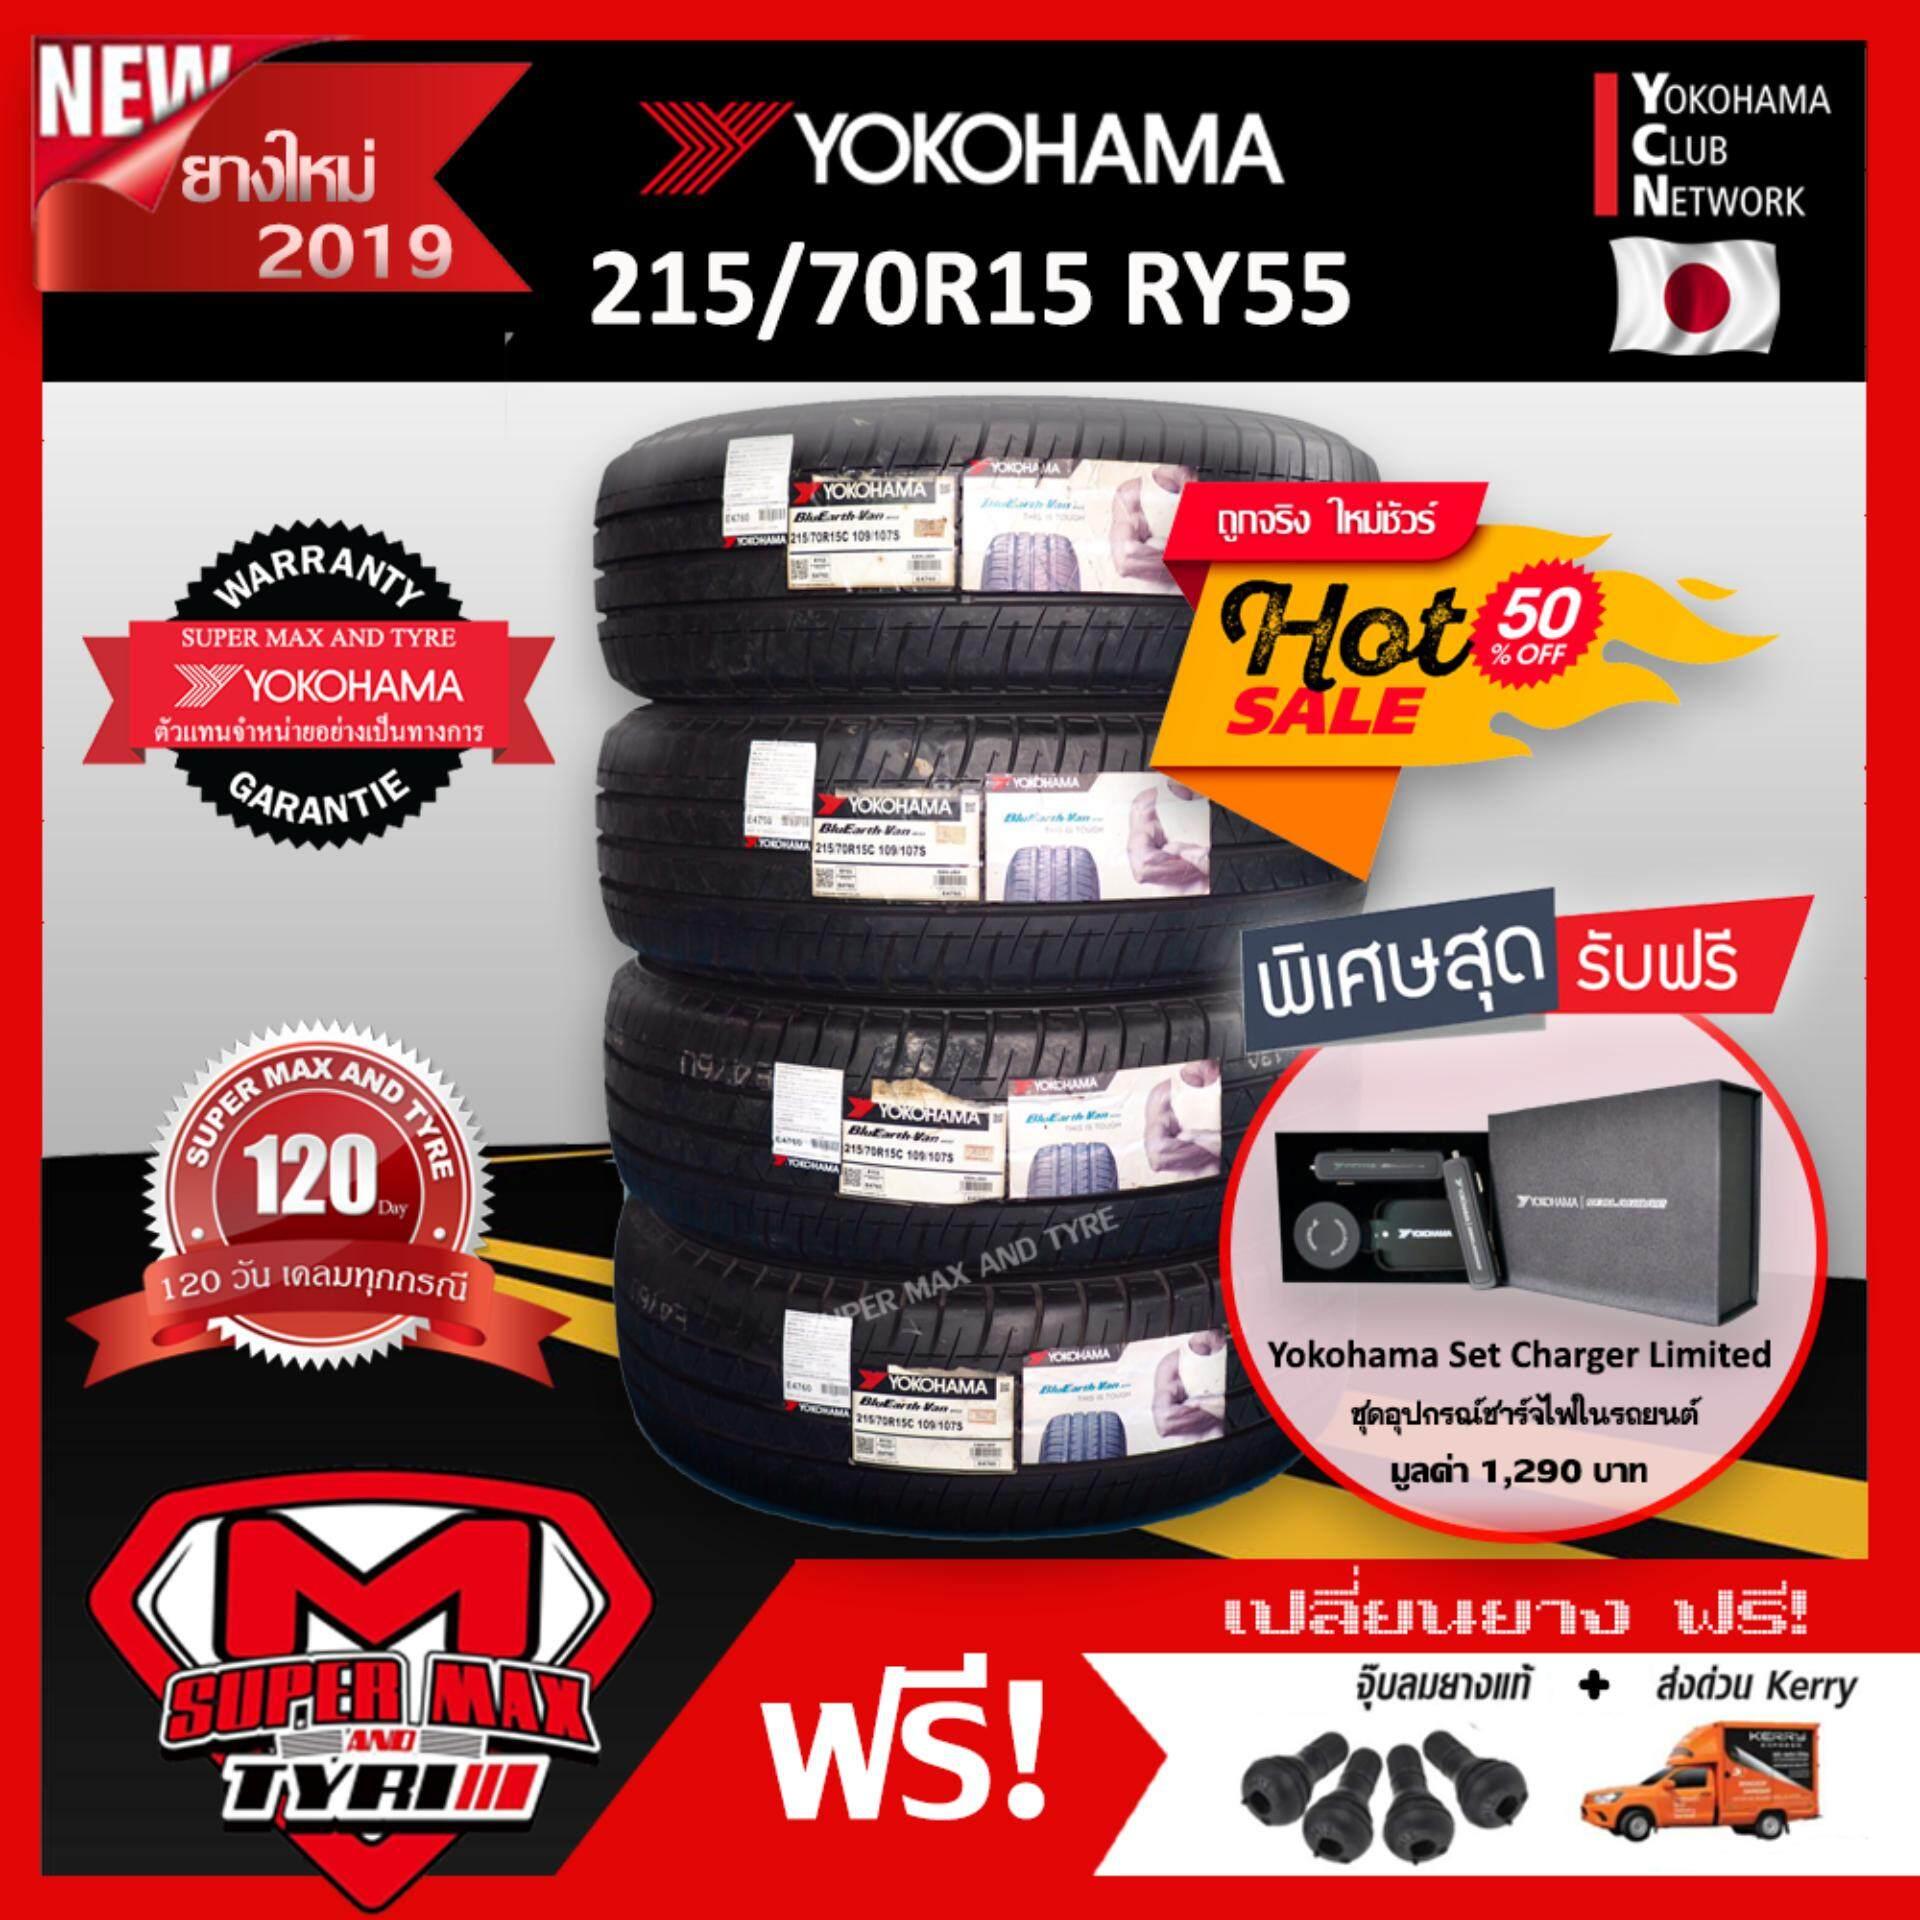 ประกันภัย รถยนต์ 3 พลัส ราคา ถูก น่าน [จัดส่งฟรี] 4 เส้นราคาสุดคุ้ม Yokohama 215/70 R15 (ขอบ15) ยางรถยนต์ รุ่น BluEarth-VAN RY55  ยางใหม่ 2019 จำนวน 4 เส้น